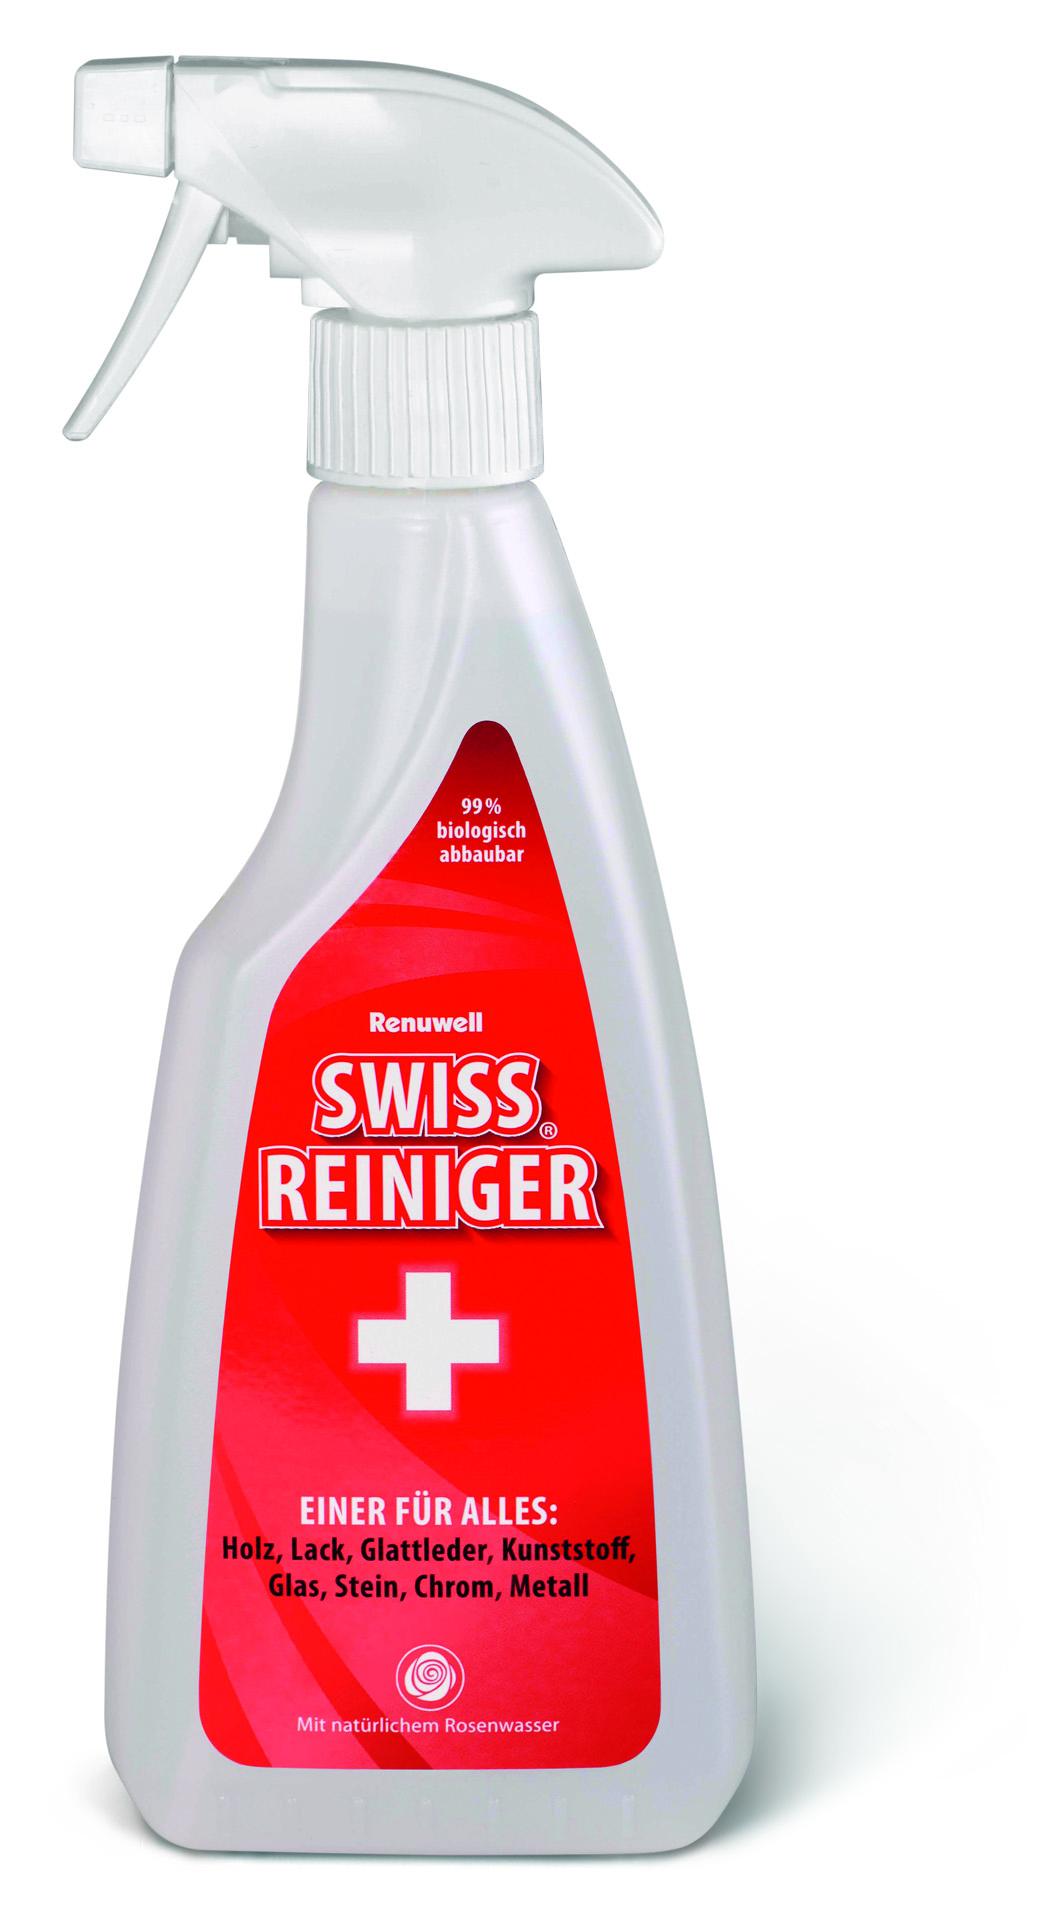 Renuwell Swiss Reiniger